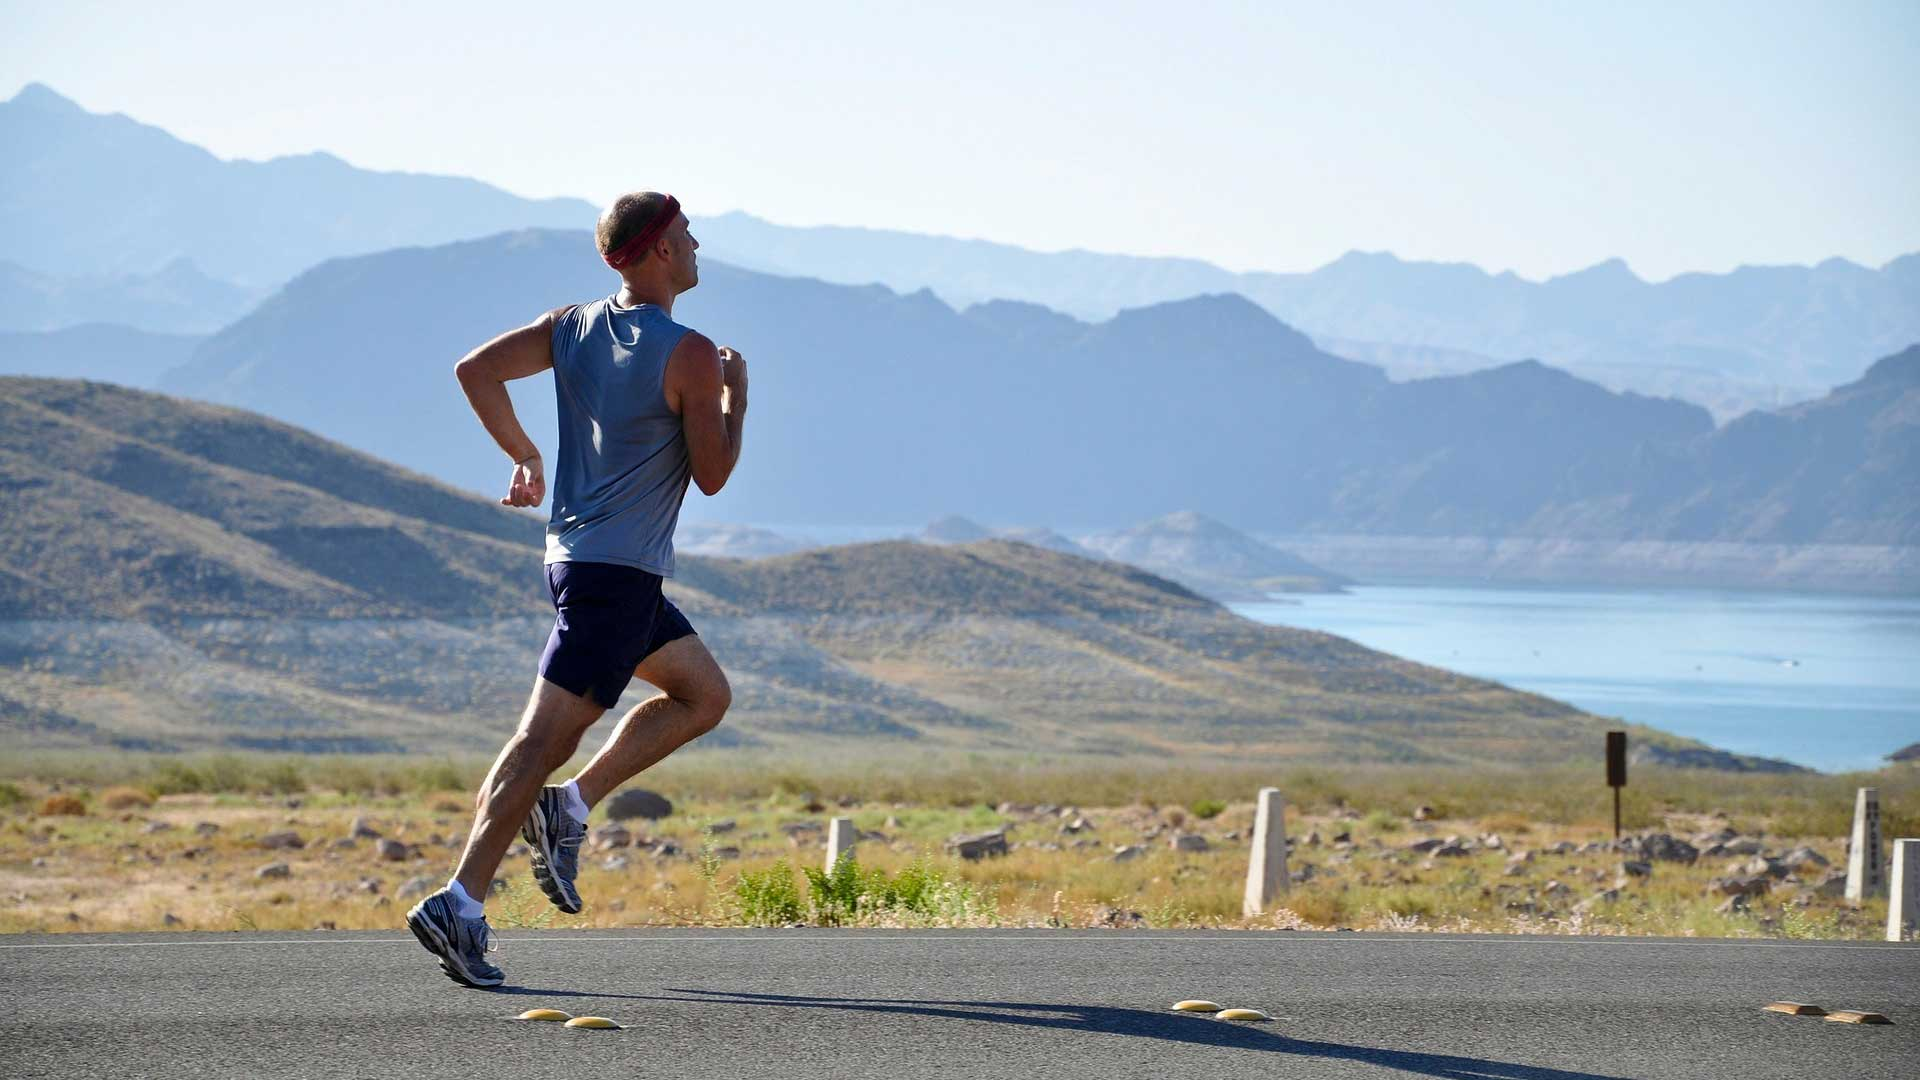 Аэробная выносливость организма упражнения и тренировки для развития